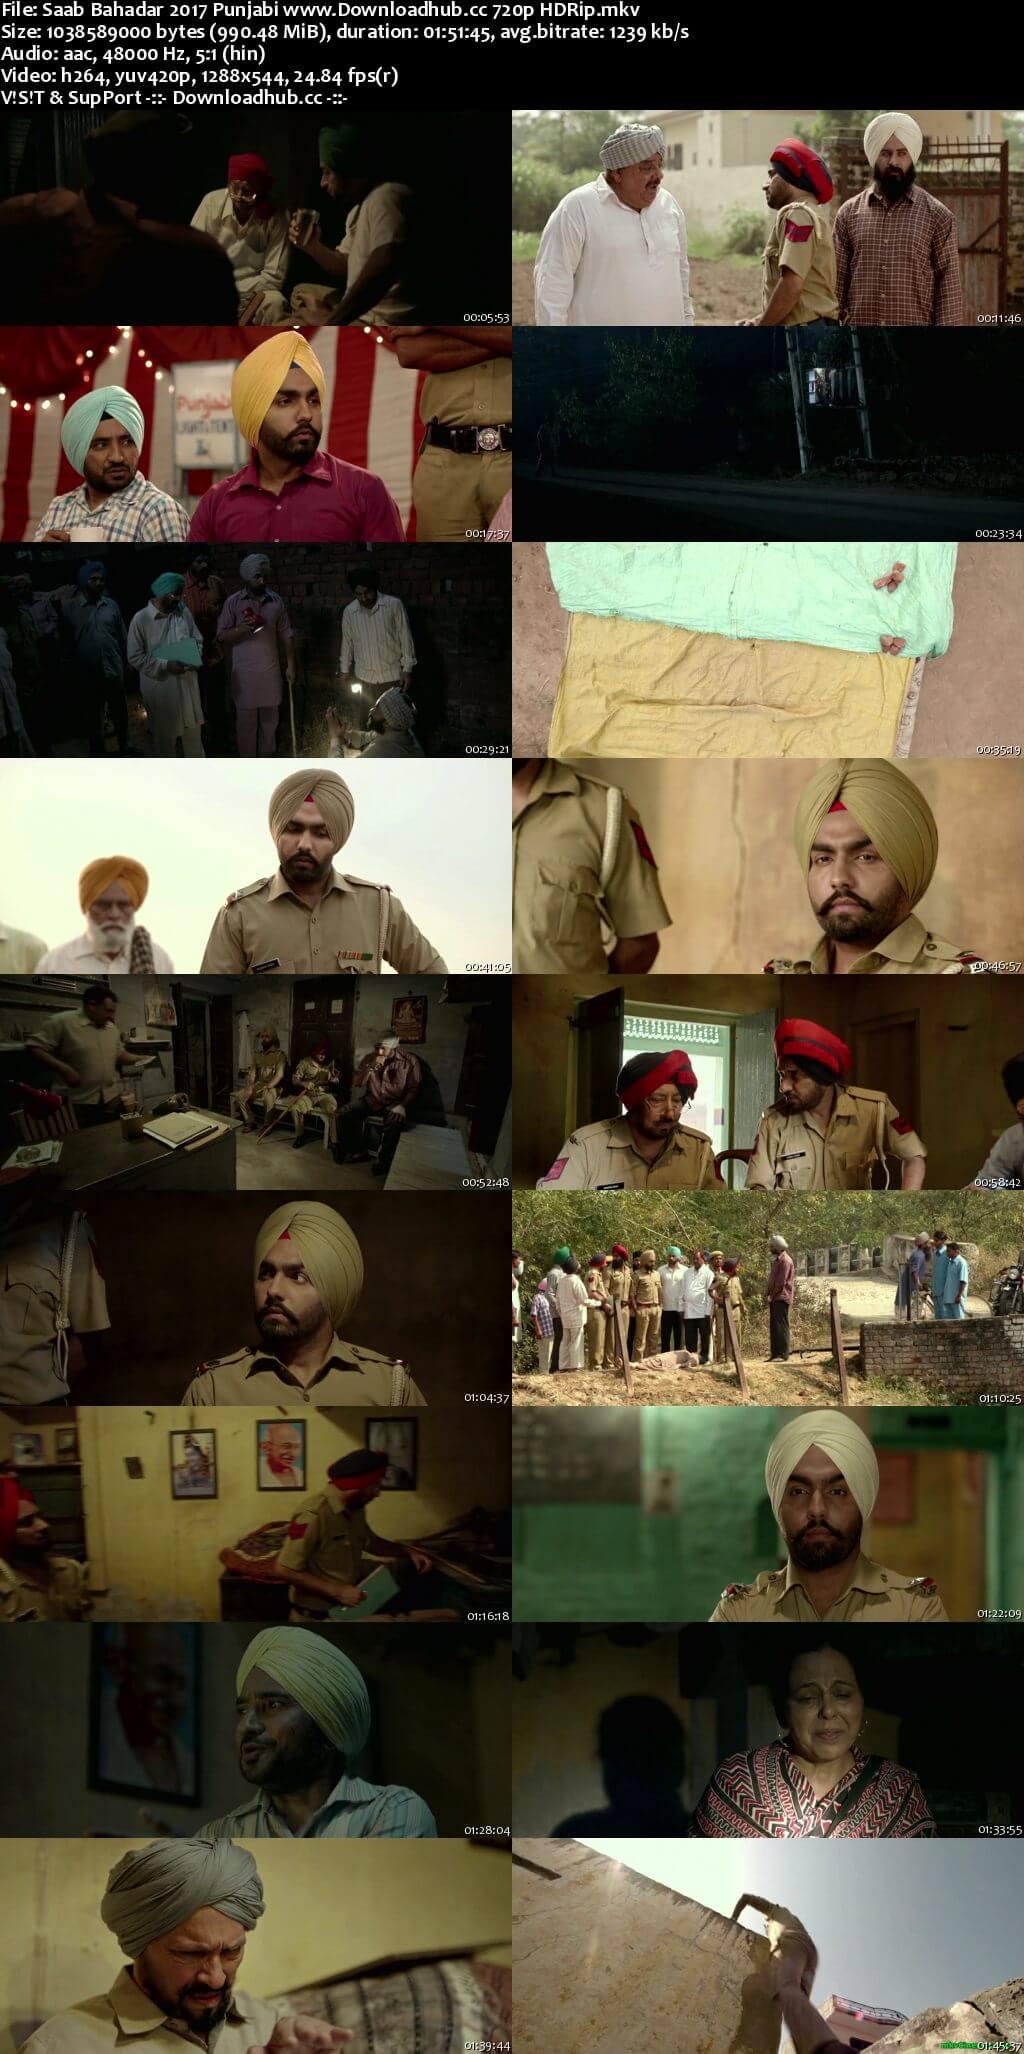 Saab Bahadar 2017 Punjabi 720p HDRip